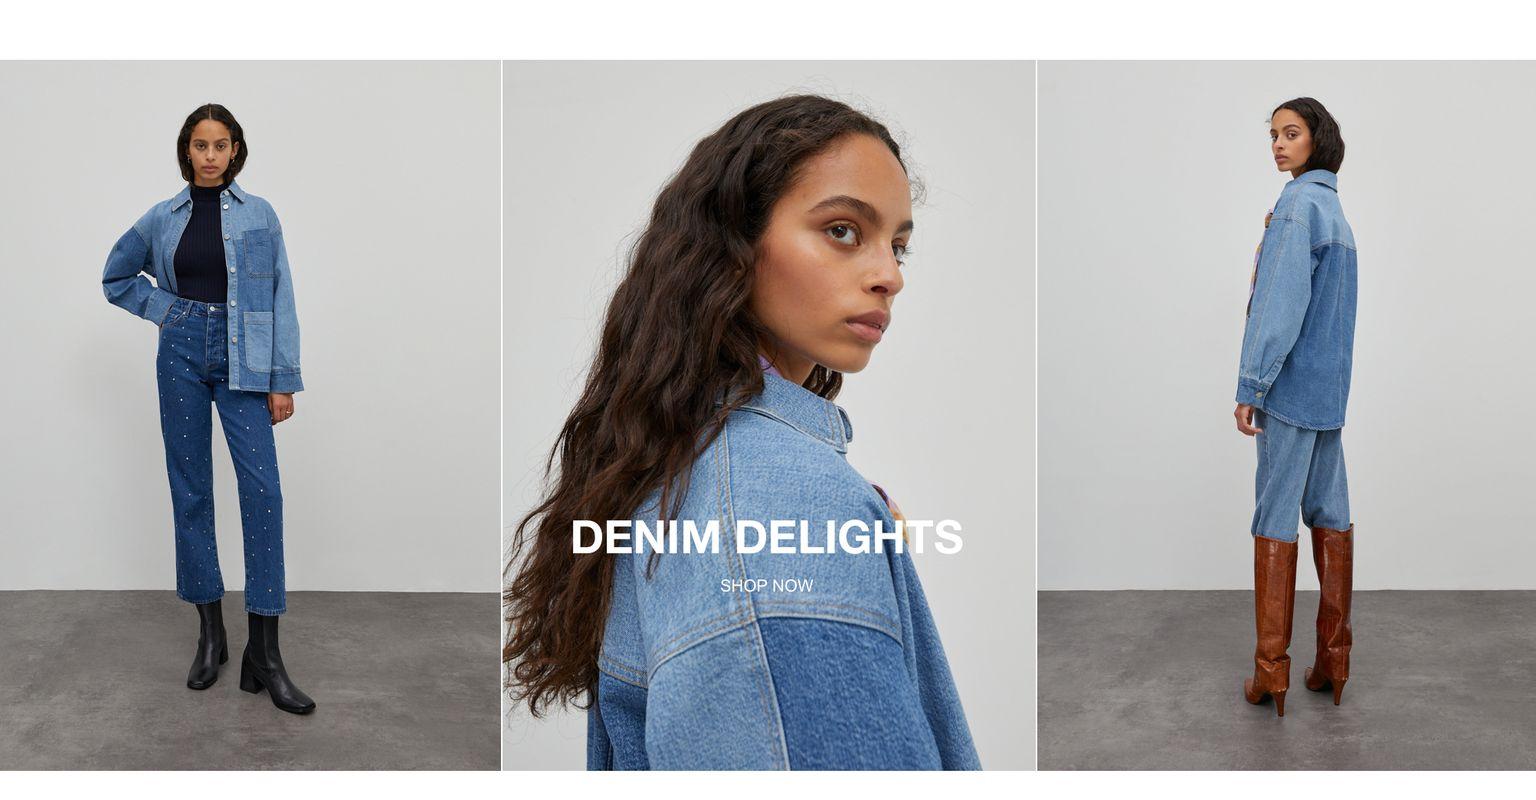 denim delights